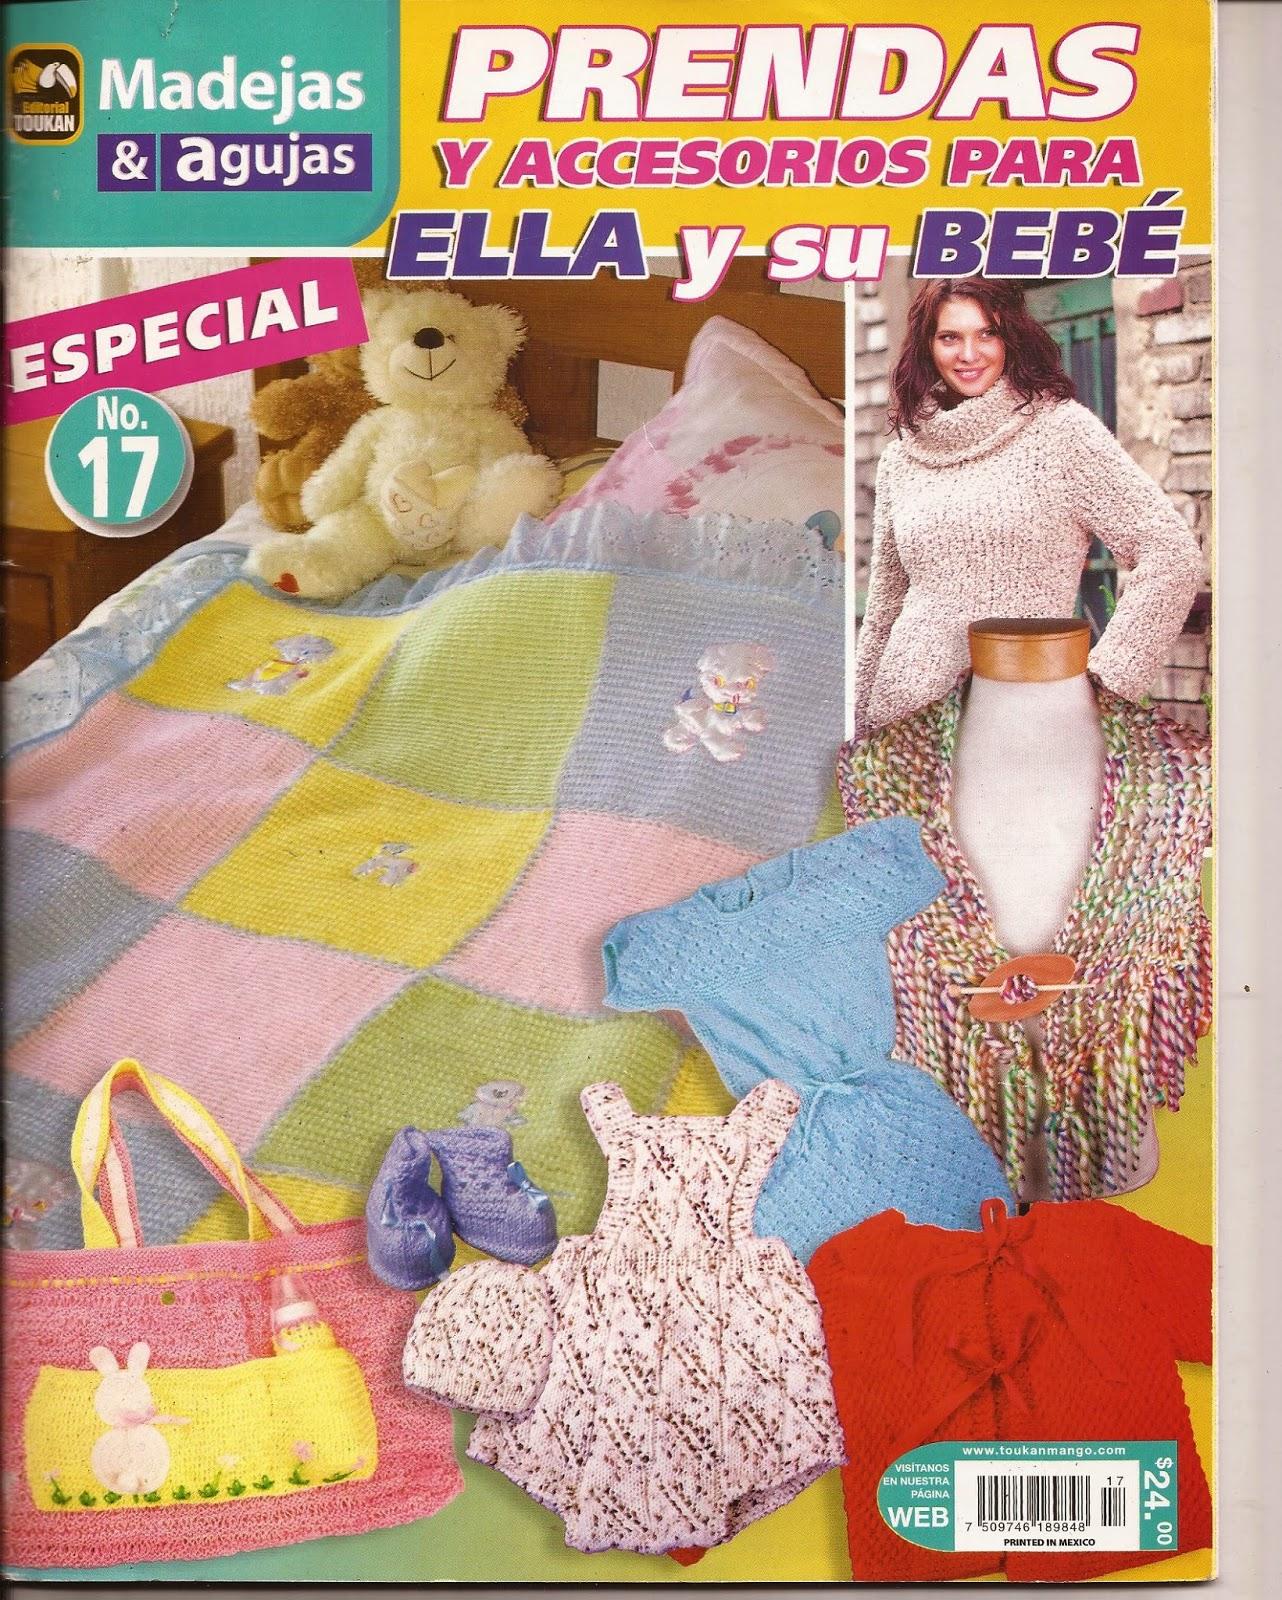 Tejidos para bebe - patrones - Revistas de crochet y tejidos gratis